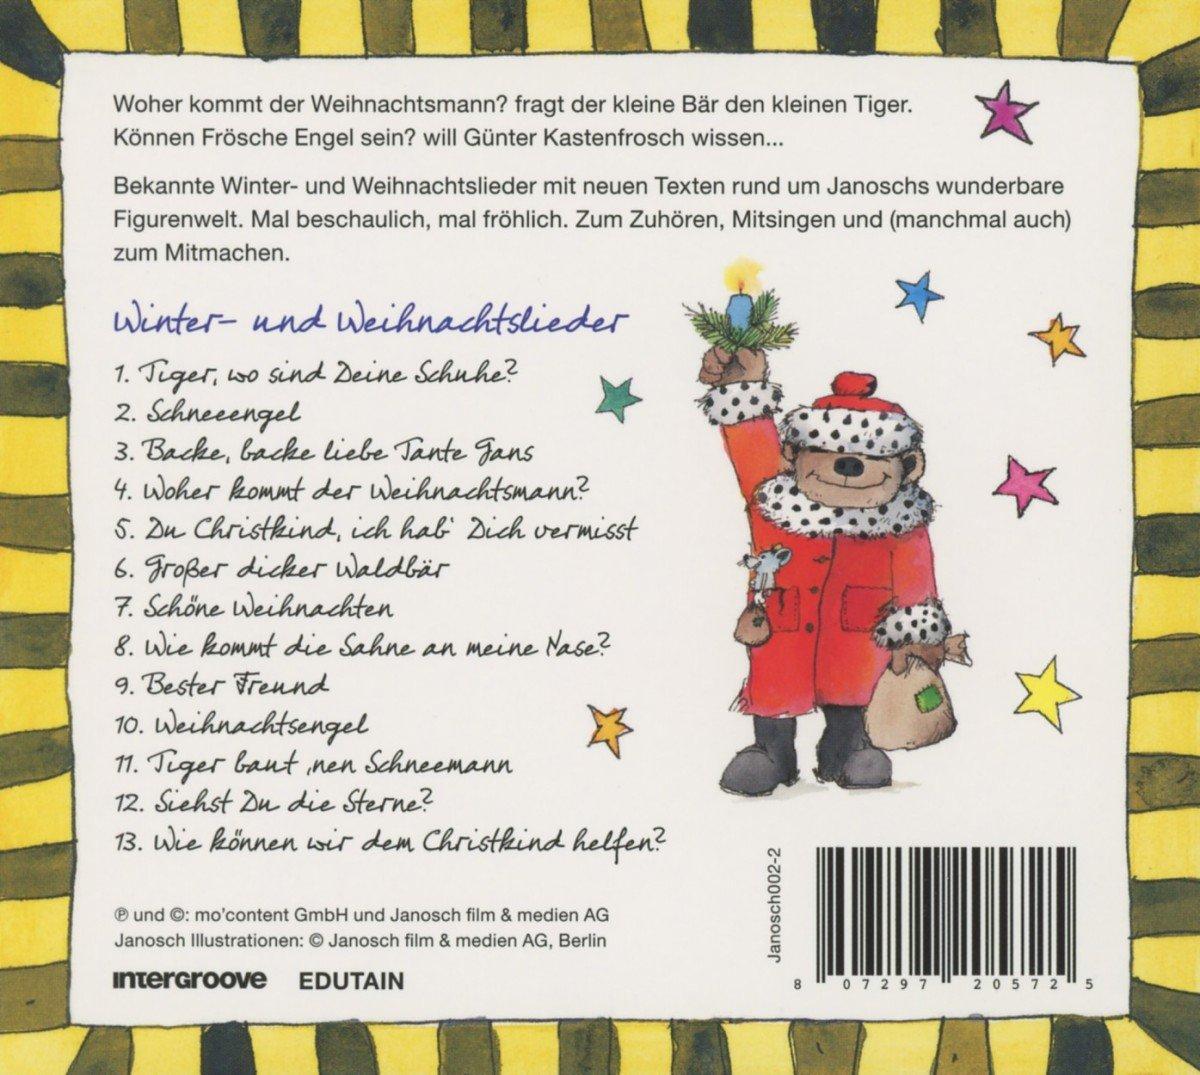 Janoschs Schönste Weihnachtslieder - Janosch: Amazon.de: Musik